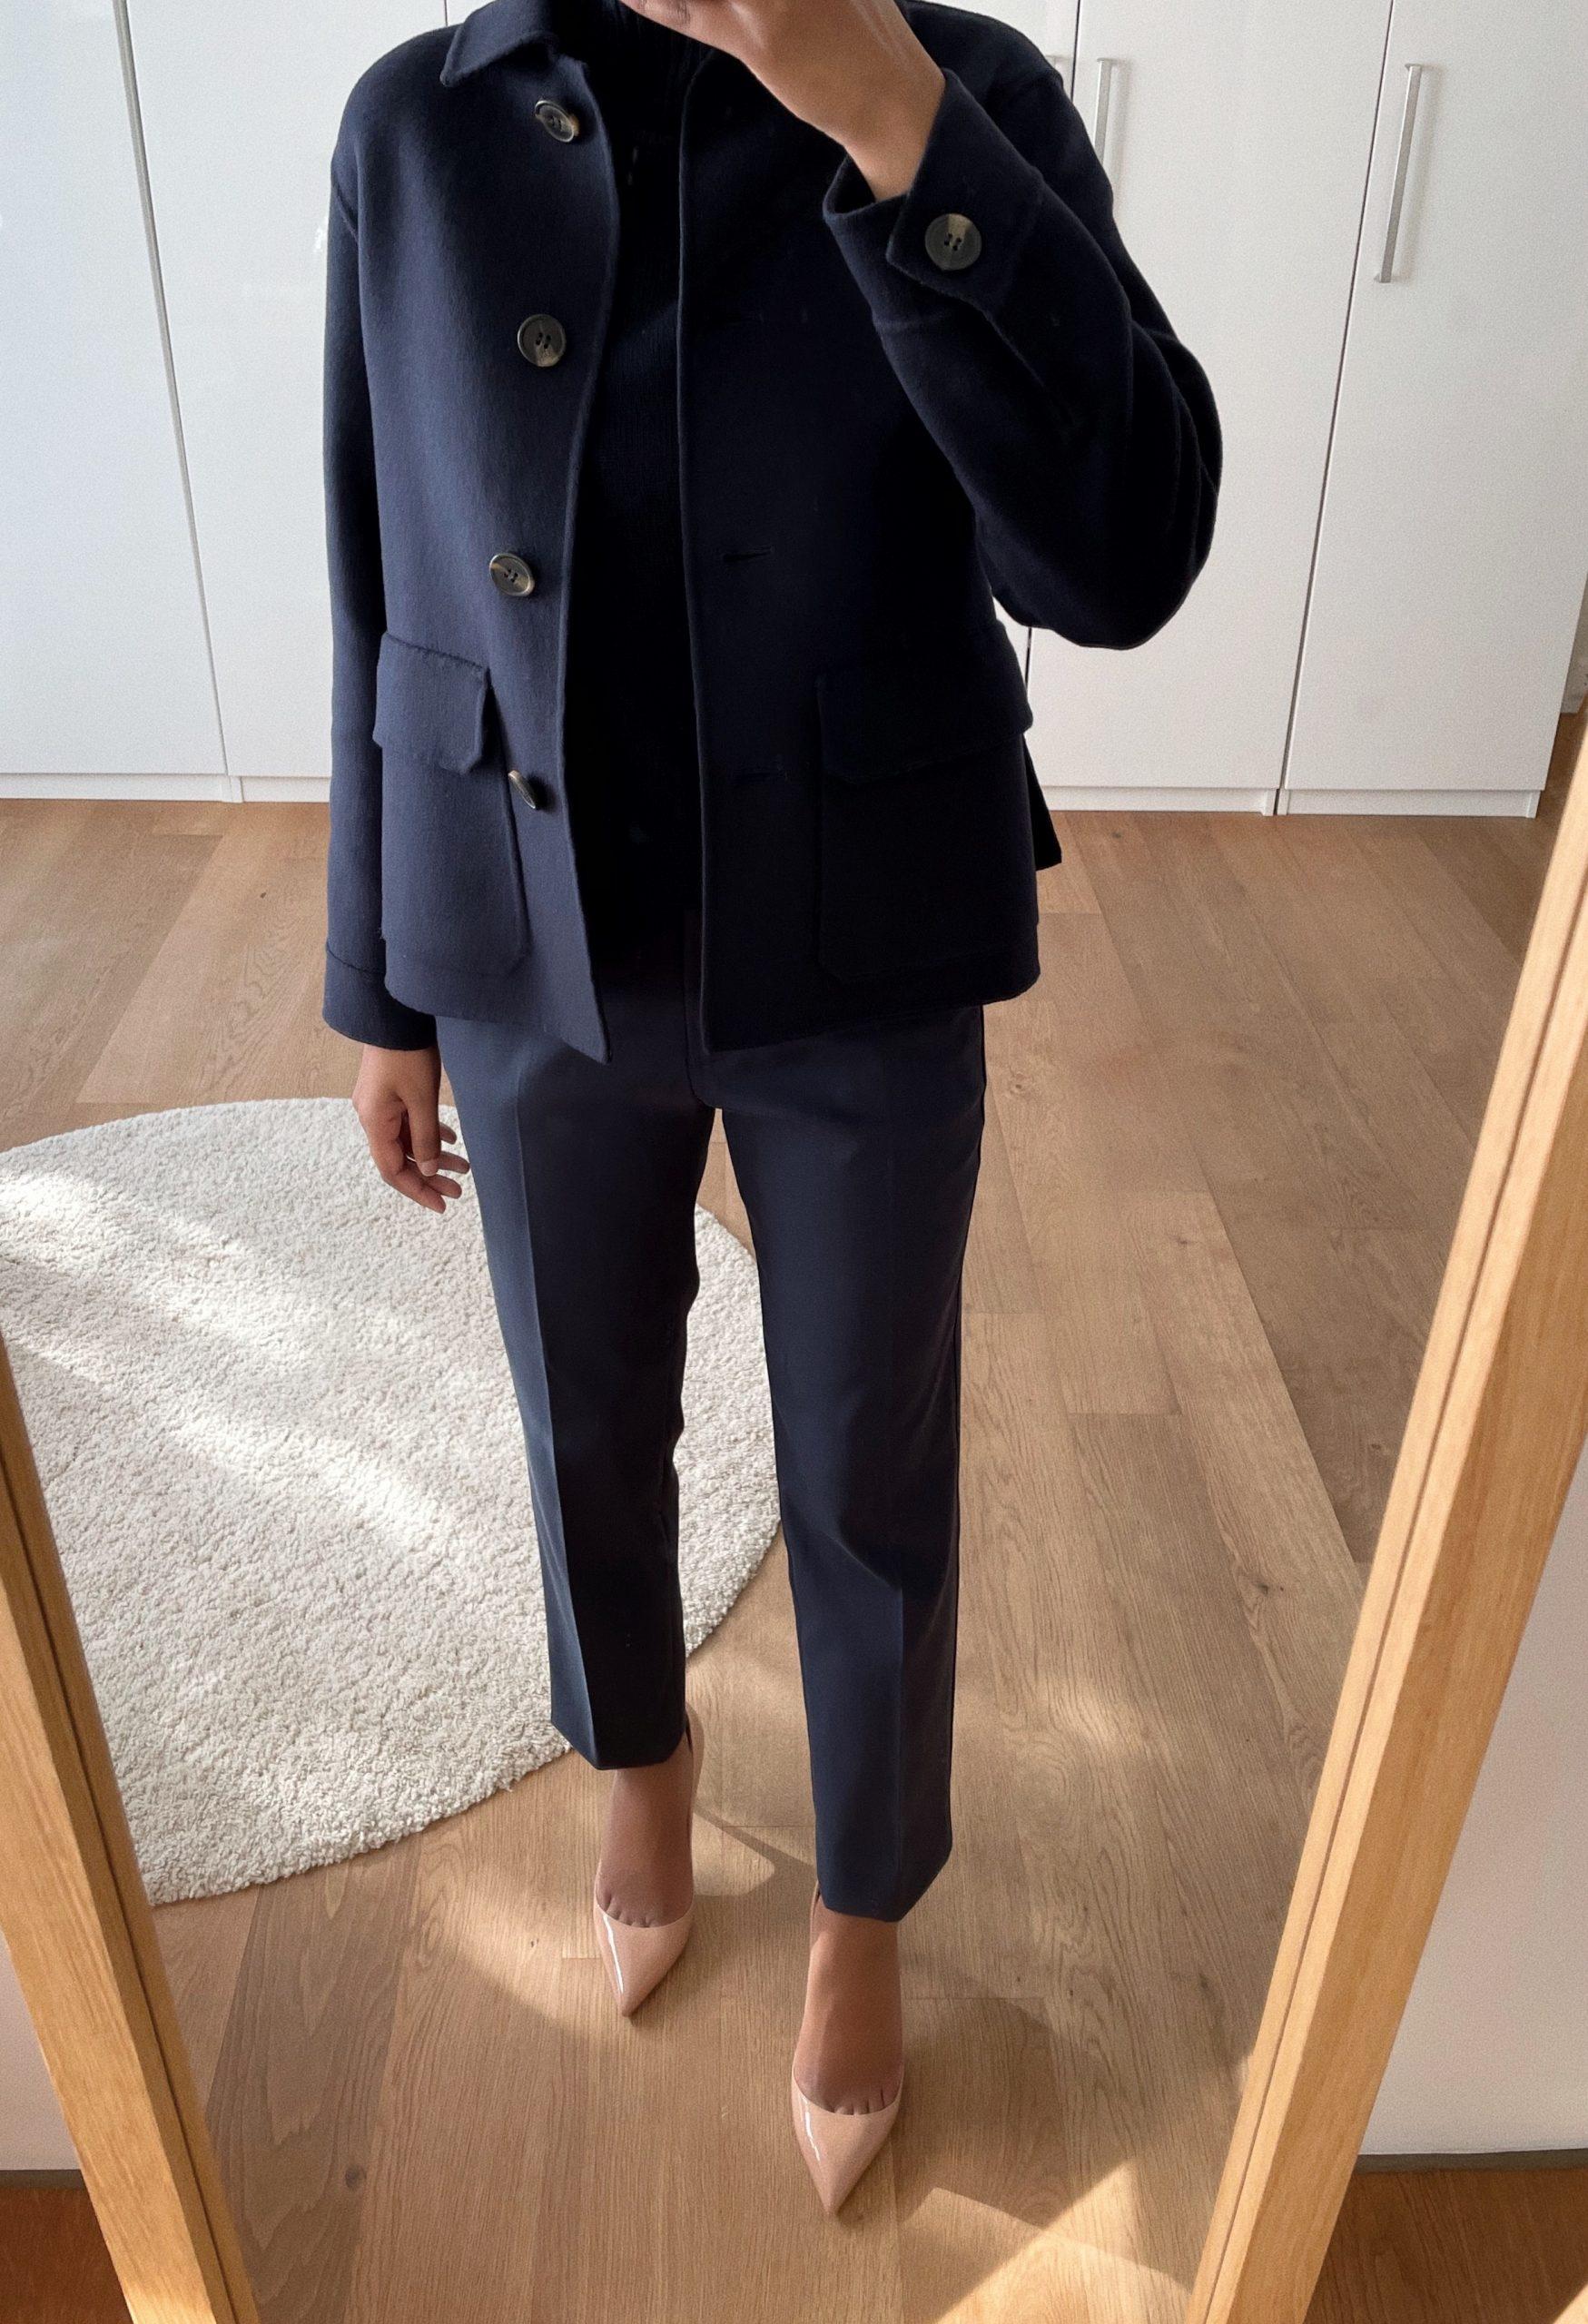 Dark neutral shades: outerwear